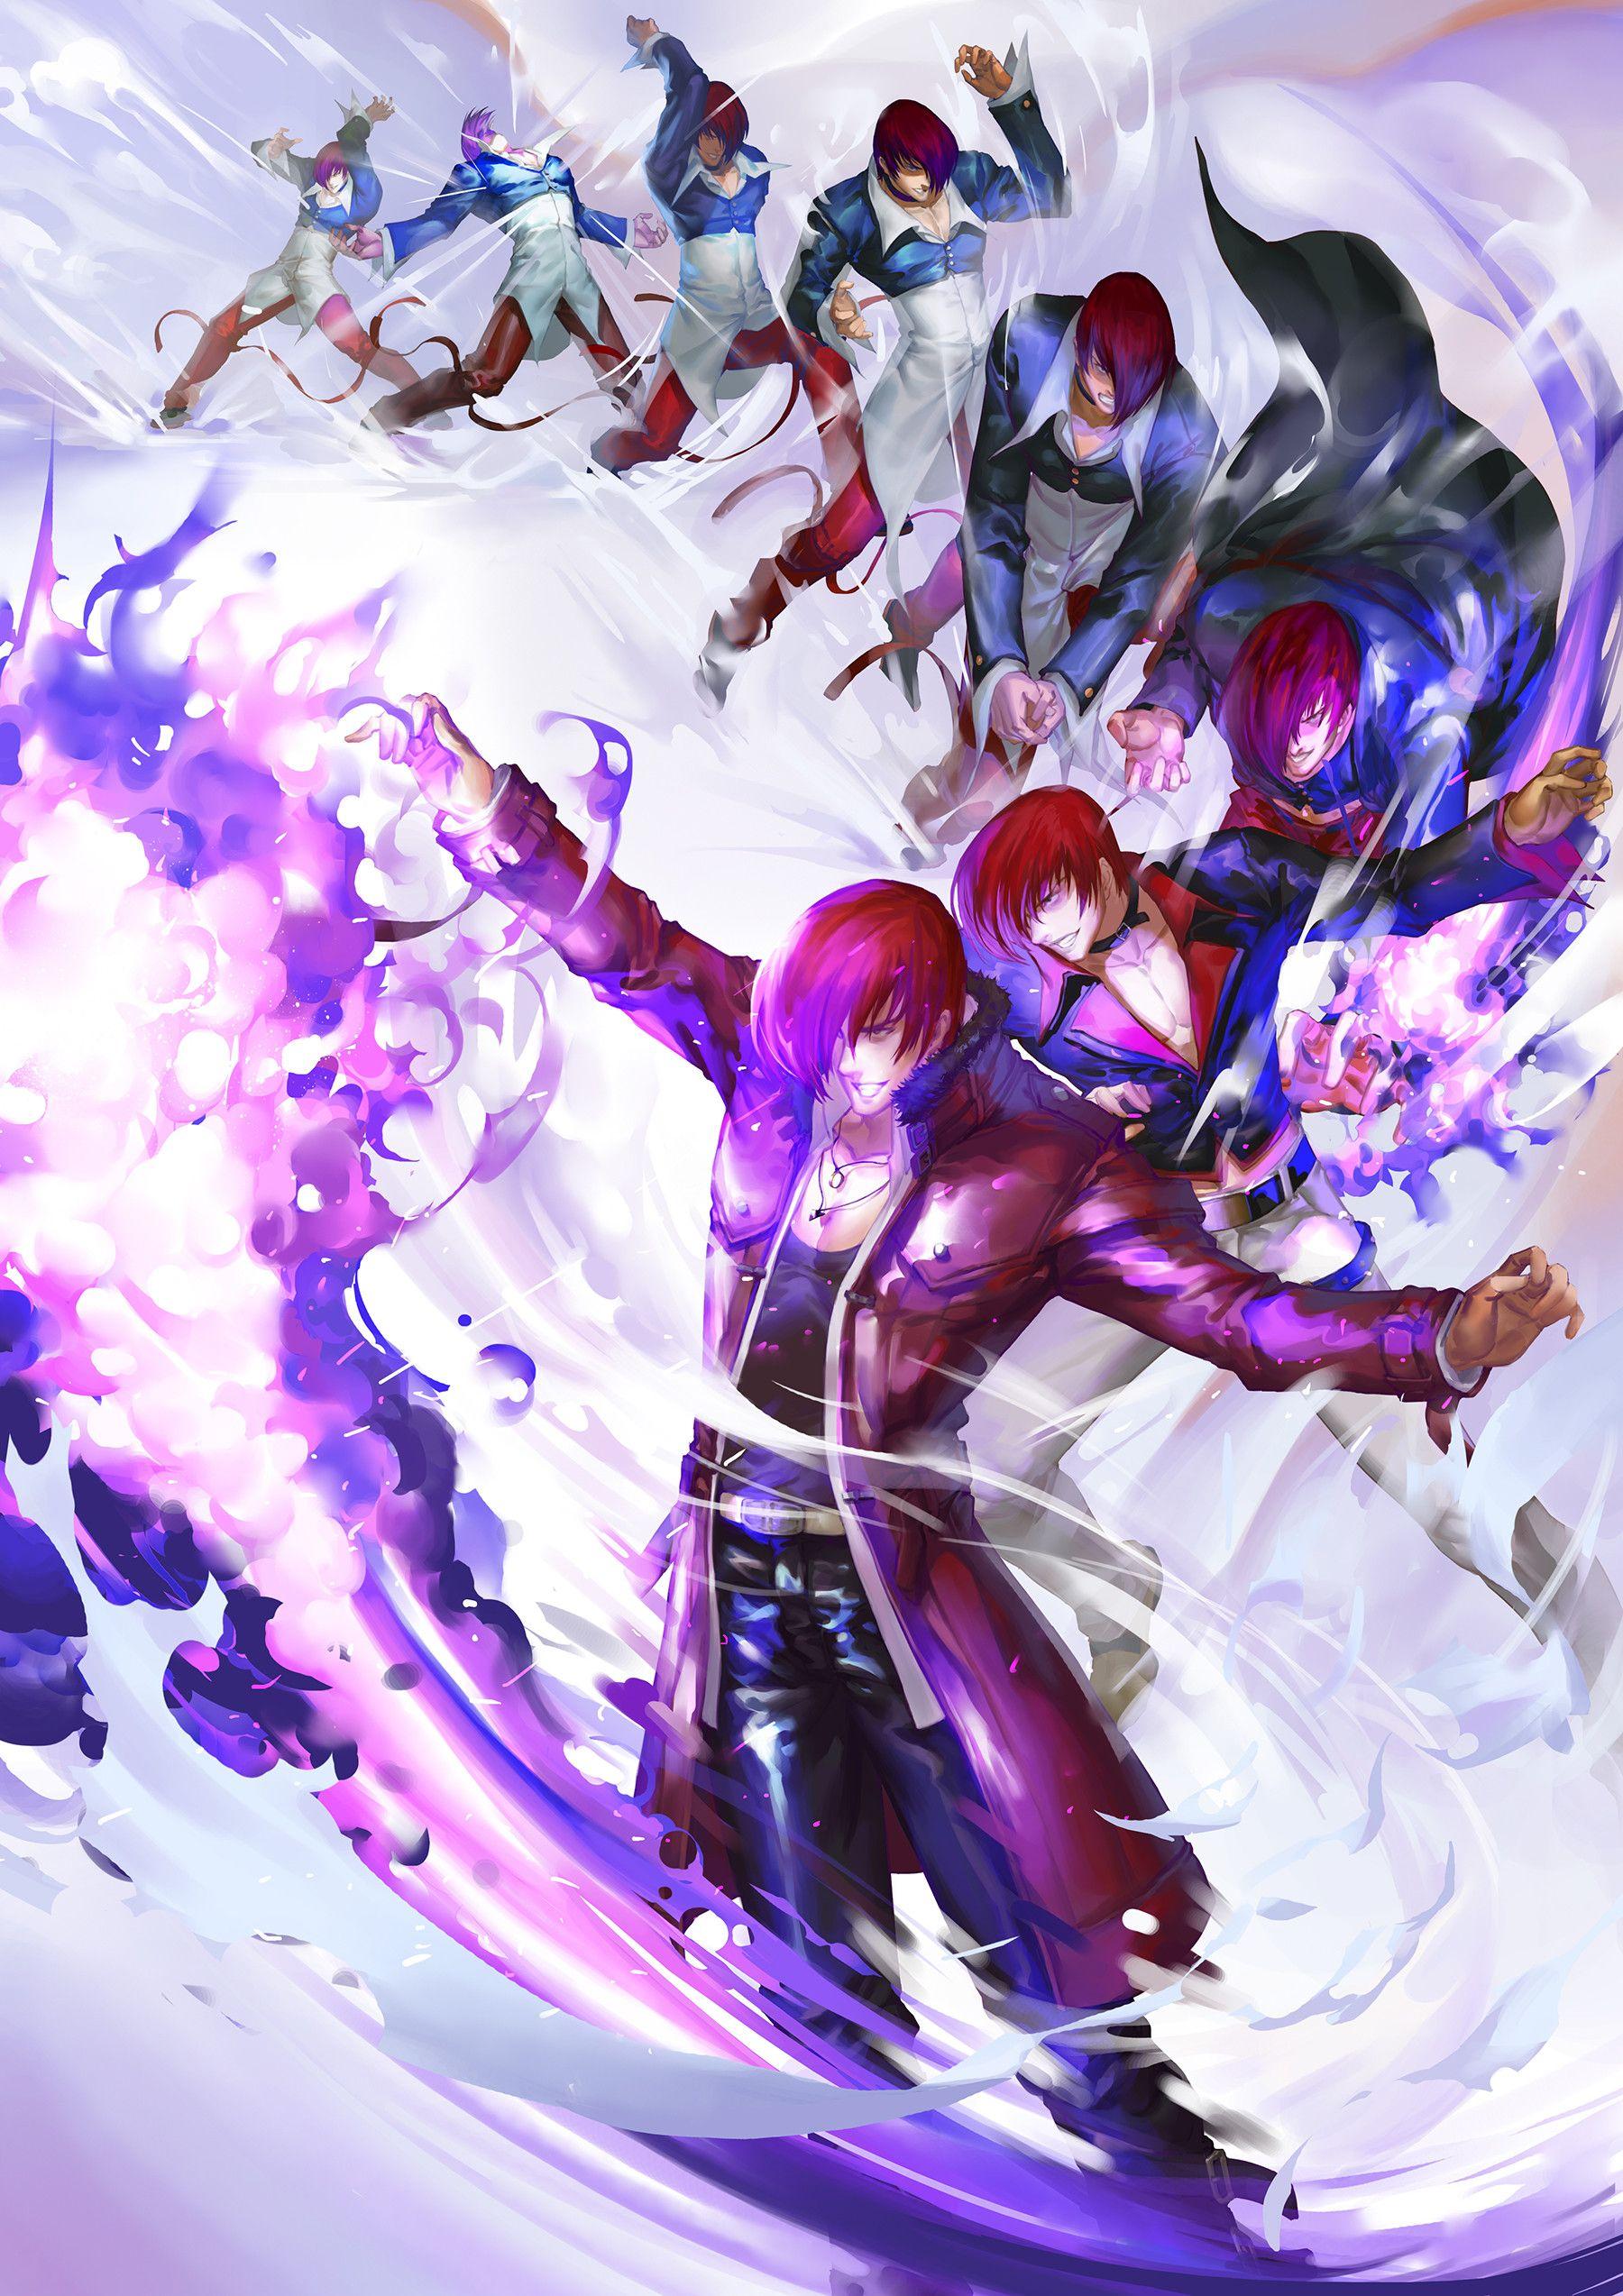 Artstation iori zheng huang personagens de anime